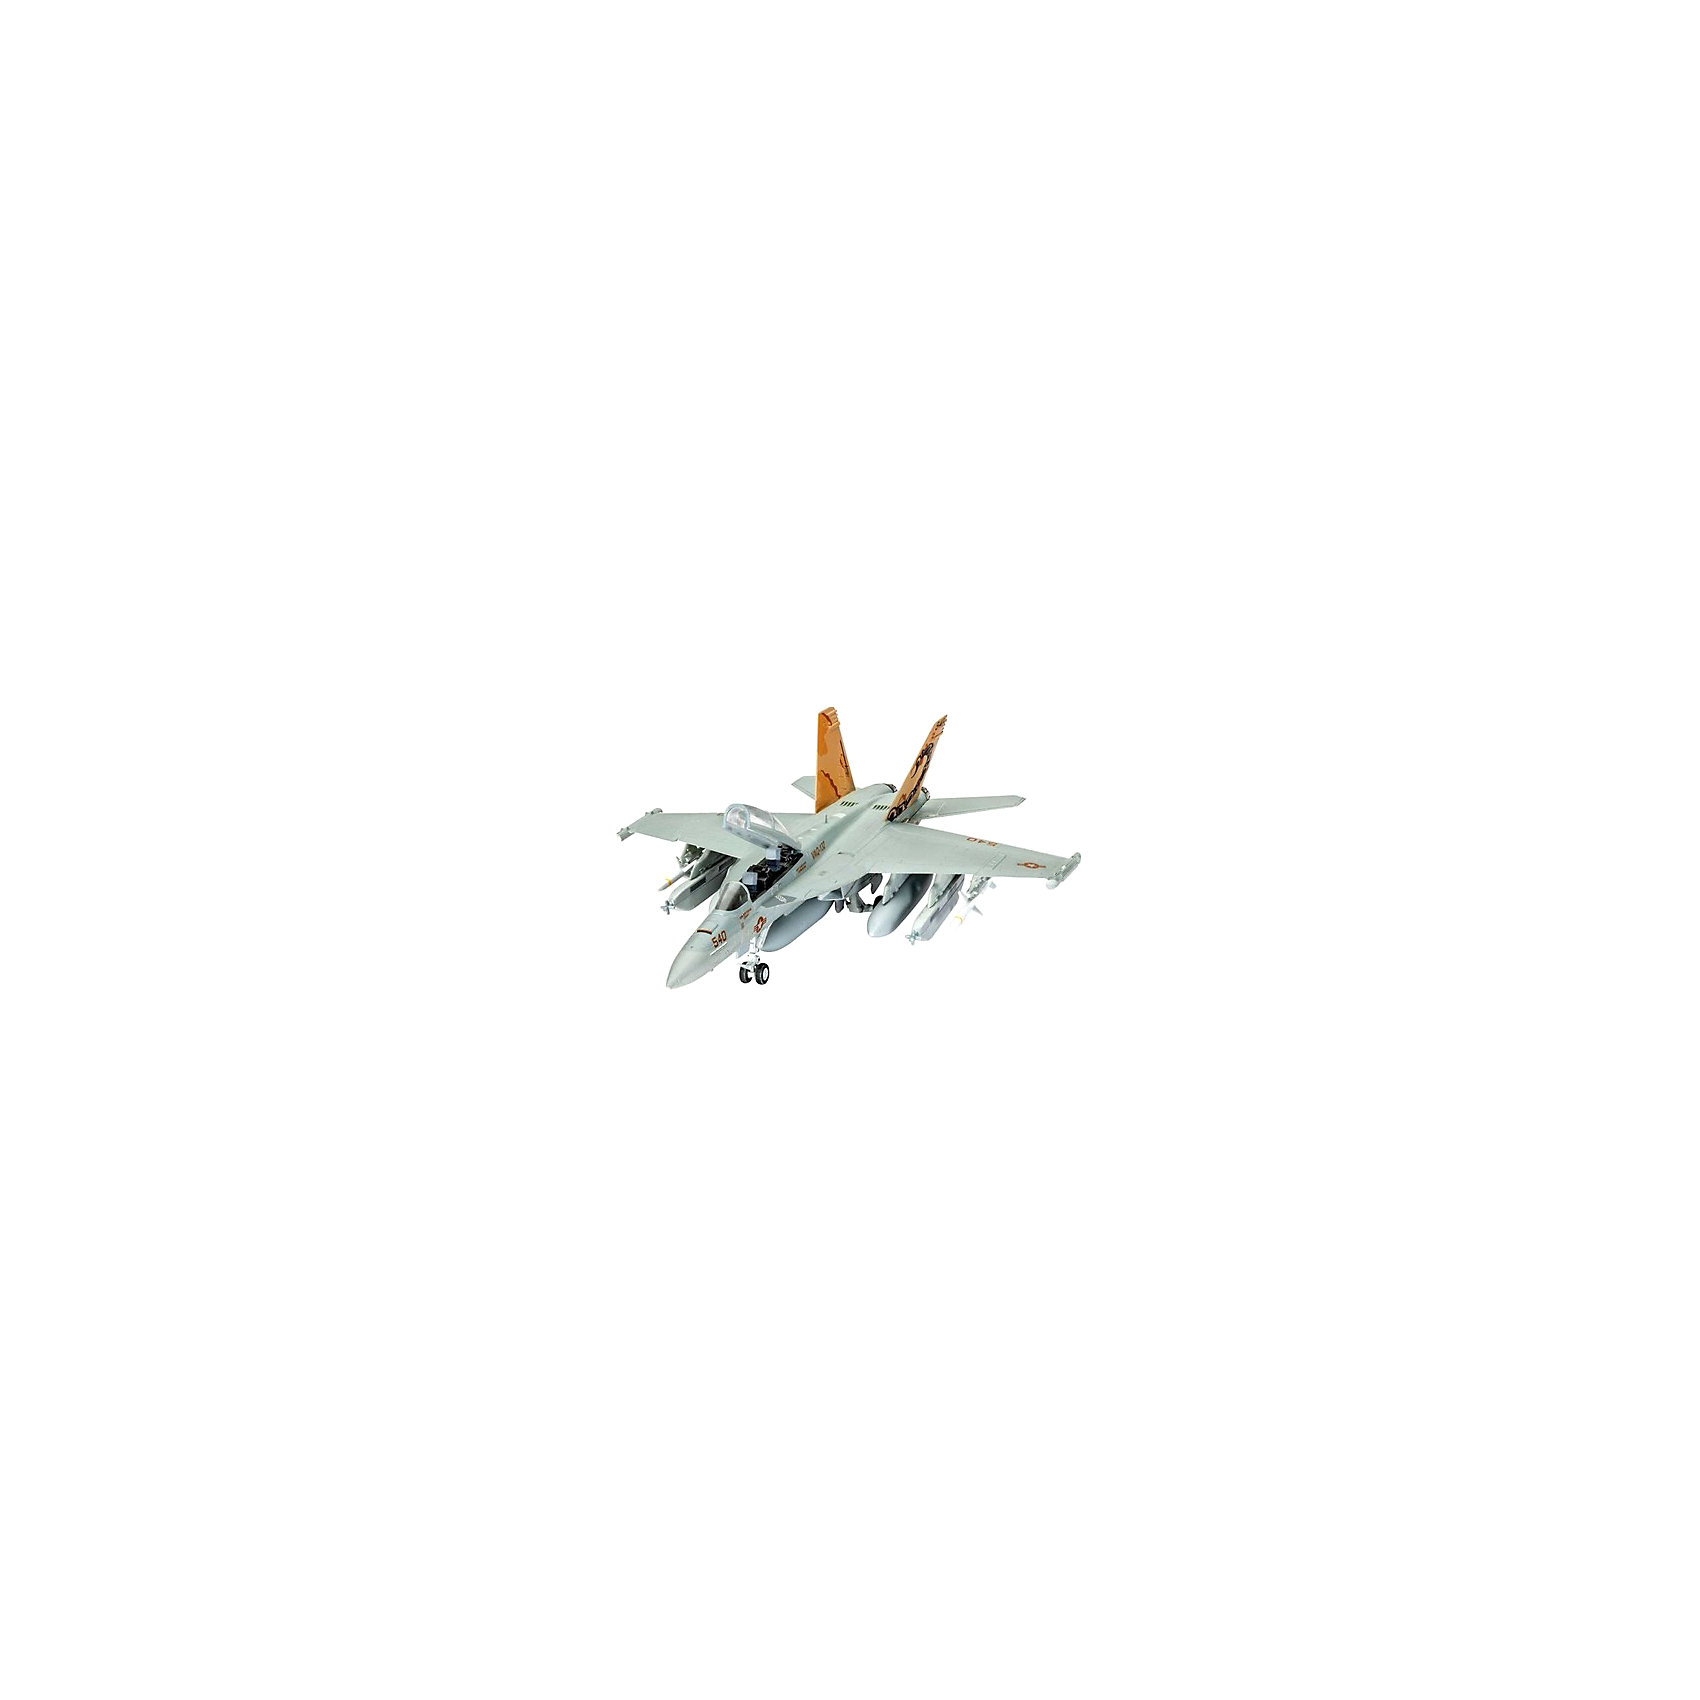 Набор Самолёт радиоэлектронной борьбы, RevellСамолёты и вертолёты<br>Самолёт EA-18G Growler используется военно-воздушными силами США в радиоэлектронной борьбе для уничтожения вражеских средств связи. Его миссия заключается в мониторинге и атаке вражеских центров коммуникации и радарных установок.  Превосходно выполненная сборная модель самолёта радиоэлектронной борьбы EA-18G Growler от немецкой компании Revell является абсолютно точной уменьшенной копией своего прототипа в масштабе 1:144. Модель тщательно проработанная, особое внимание уделялось деталям. Фактурные поверхности, детализированная кабина пилота с двумя сиденьями, которые могут катапультироваться, характерные шасси, а также оборудование для радиоэлектронной борьбы приближают макет самолёта к своему оригиналу. Всего модель состоит из 63 отдельных компонентов, которые необходимо собрать, склеить и покрыть краской в соответствии с инструкцией в наборе. В комплекте также прилагаются краски подлинных цветов, кисточка, уникальный набор наклеек для создания неповторимого дизайна самолёта, а также клей в удобной упаковке.  Великолепная сборная модель американского самолёта EA-18G Growler разработана немецкой компанией Revell для детей от 10 лет. Так похожая на оригинал, модель определённо обрадует не только юных поклонников моделирования, но и взрослых любителей и коллекционеров военной техники разных стран. Моделирование относят к одному из наиболее полезных хобби, ведь оно отлично тренирует мелкую моторику, развивает такие навыки как усидчивость, аккуратность и внимательность. Кроме того, развивается пространственное мышление, логика и креативность.<br><br>Набор Самолёт радиоэлектронной борьбы, Revell можно купить в нашем магазине.<br><br>Ширина мм: 270<br>Глубина мм: 230<br>Высота мм: 33<br>Вес г: 260<br>Возраст от месяцев: 120<br>Возраст до месяцев: 180<br>Пол: Мужской<br>Возраст: Детский<br>SKU: 4560888